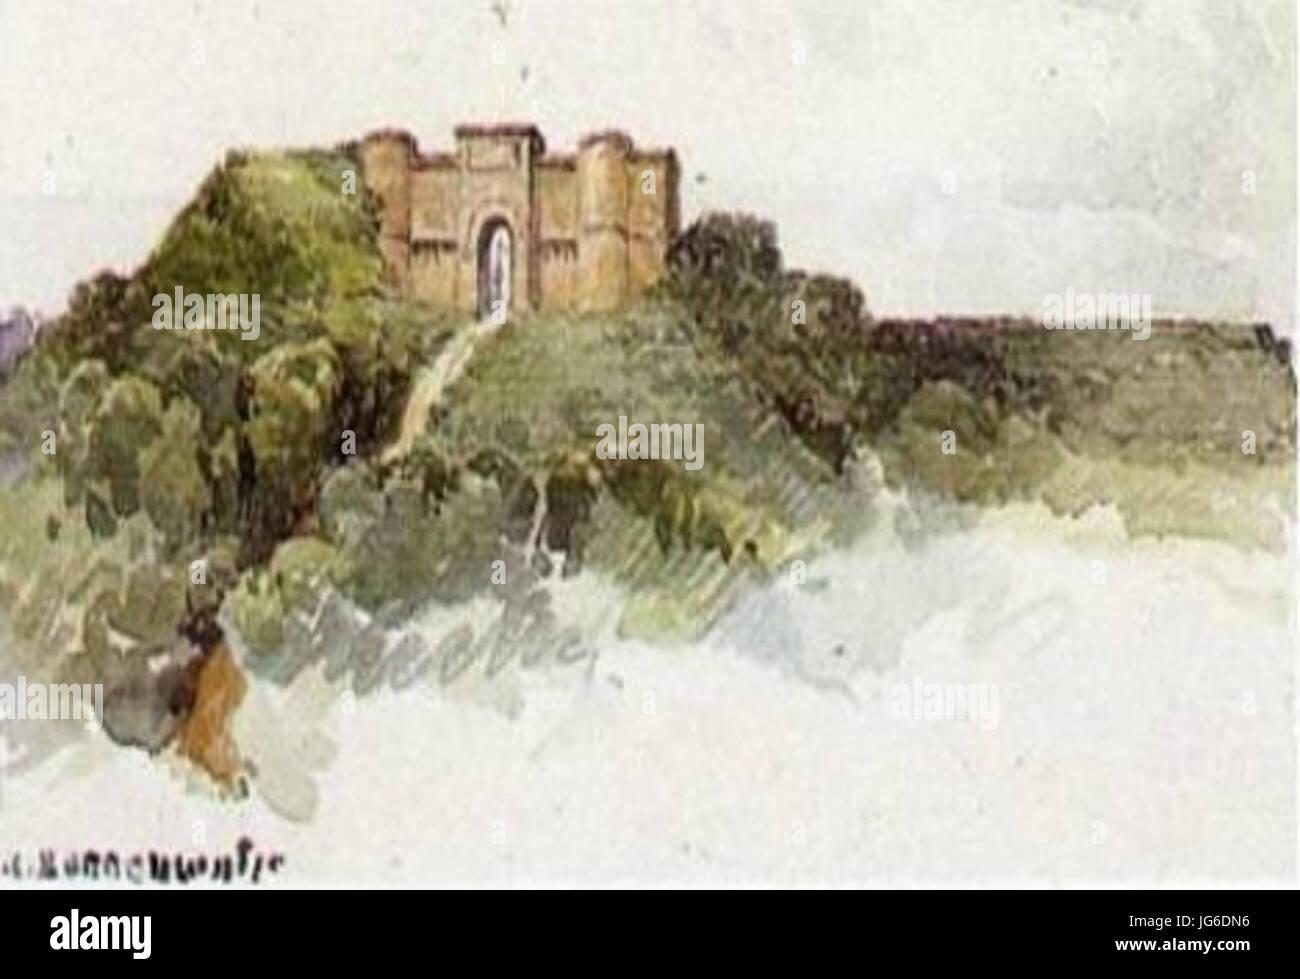 Puerta fortificada del Fuerte Agüi 1911 - Stock Image